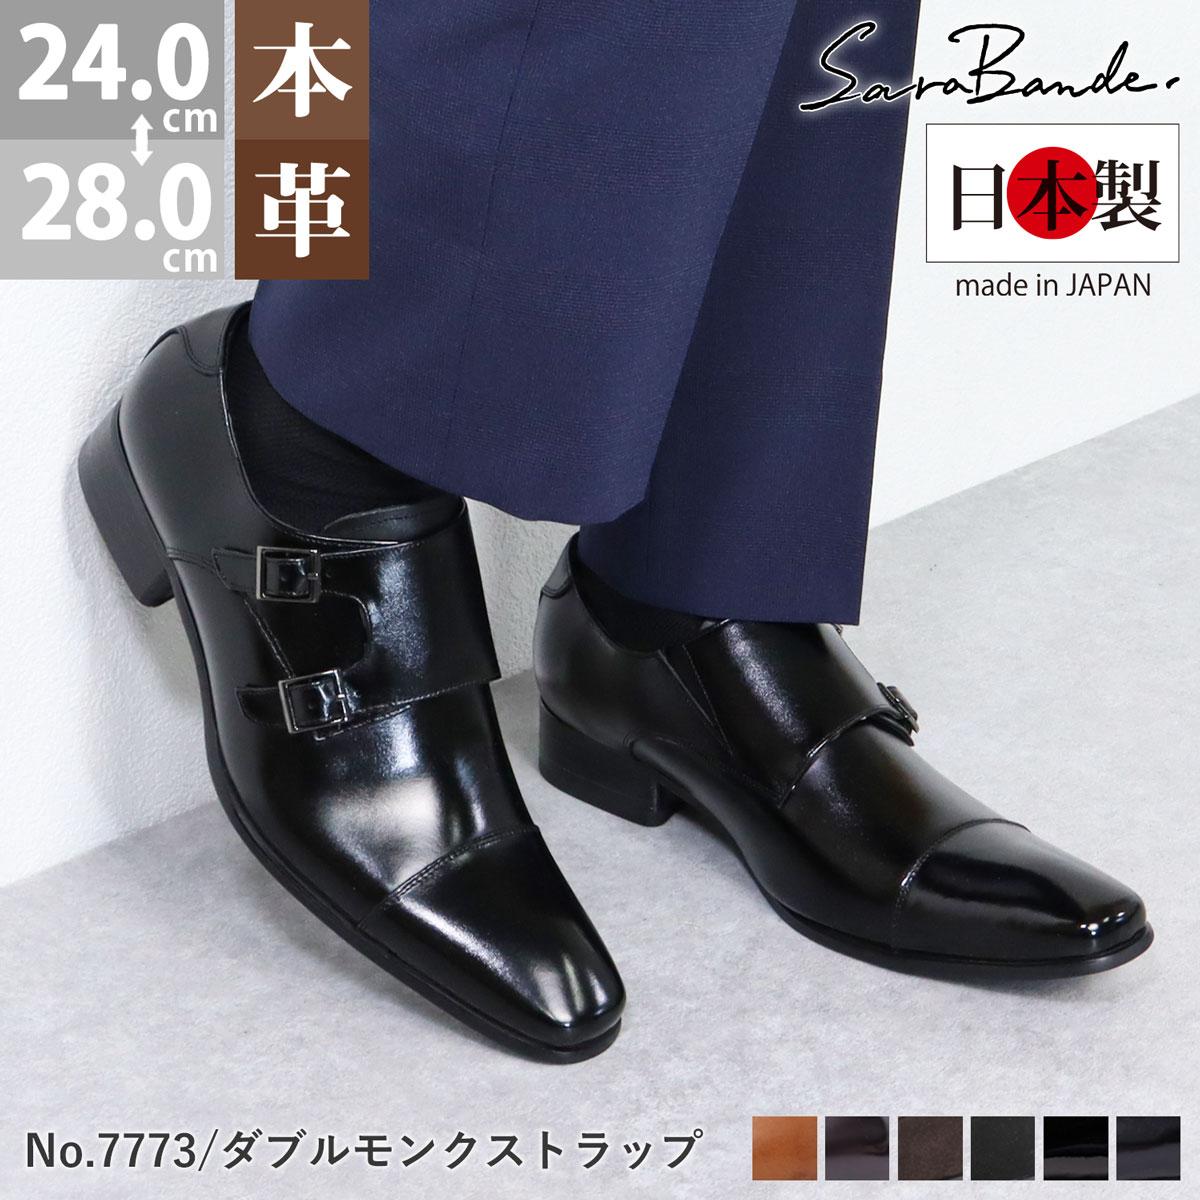 【送料無料】【SARABANDE サラバンド】日本製 本革ダブルモンクストラップ ロングノース ビジネスシューズ No.7773 黒 ブラック 茶 ブラウン 白 エナメル スエード 紳士靴 メンズ 24cm〜28cm【2足で12000円(税別)セット】